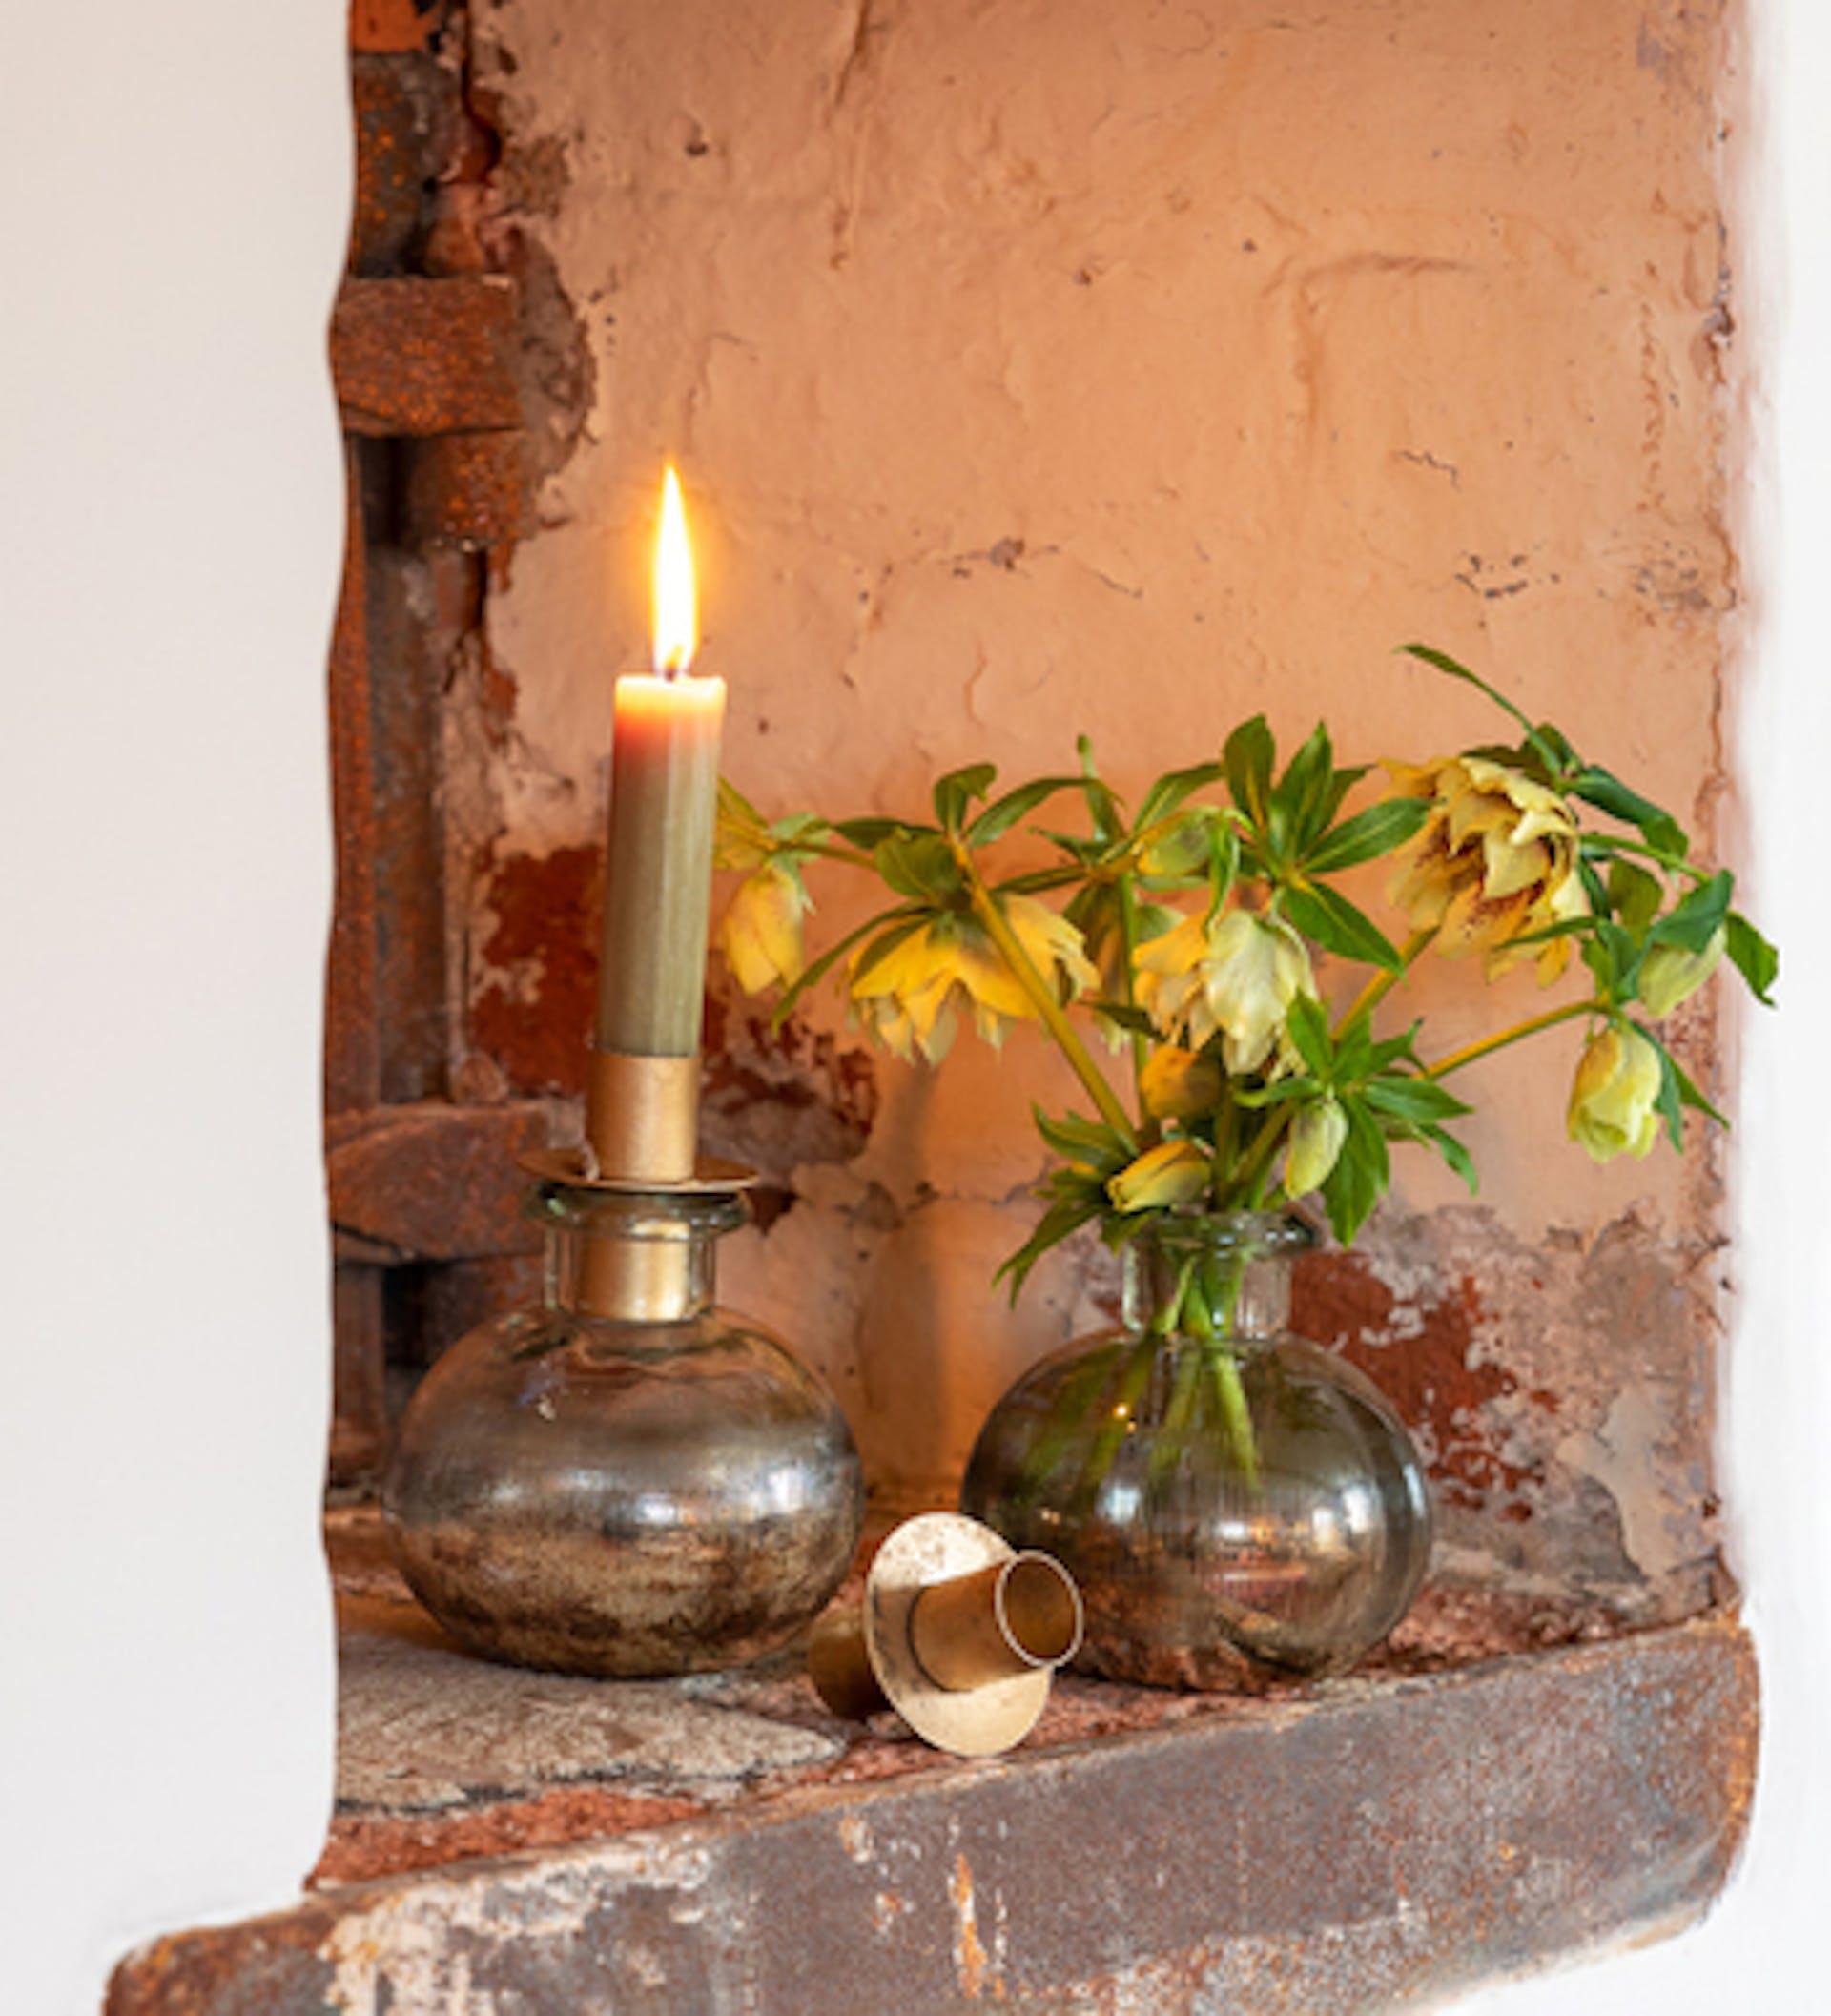 Iridescent Candle & Vase Set